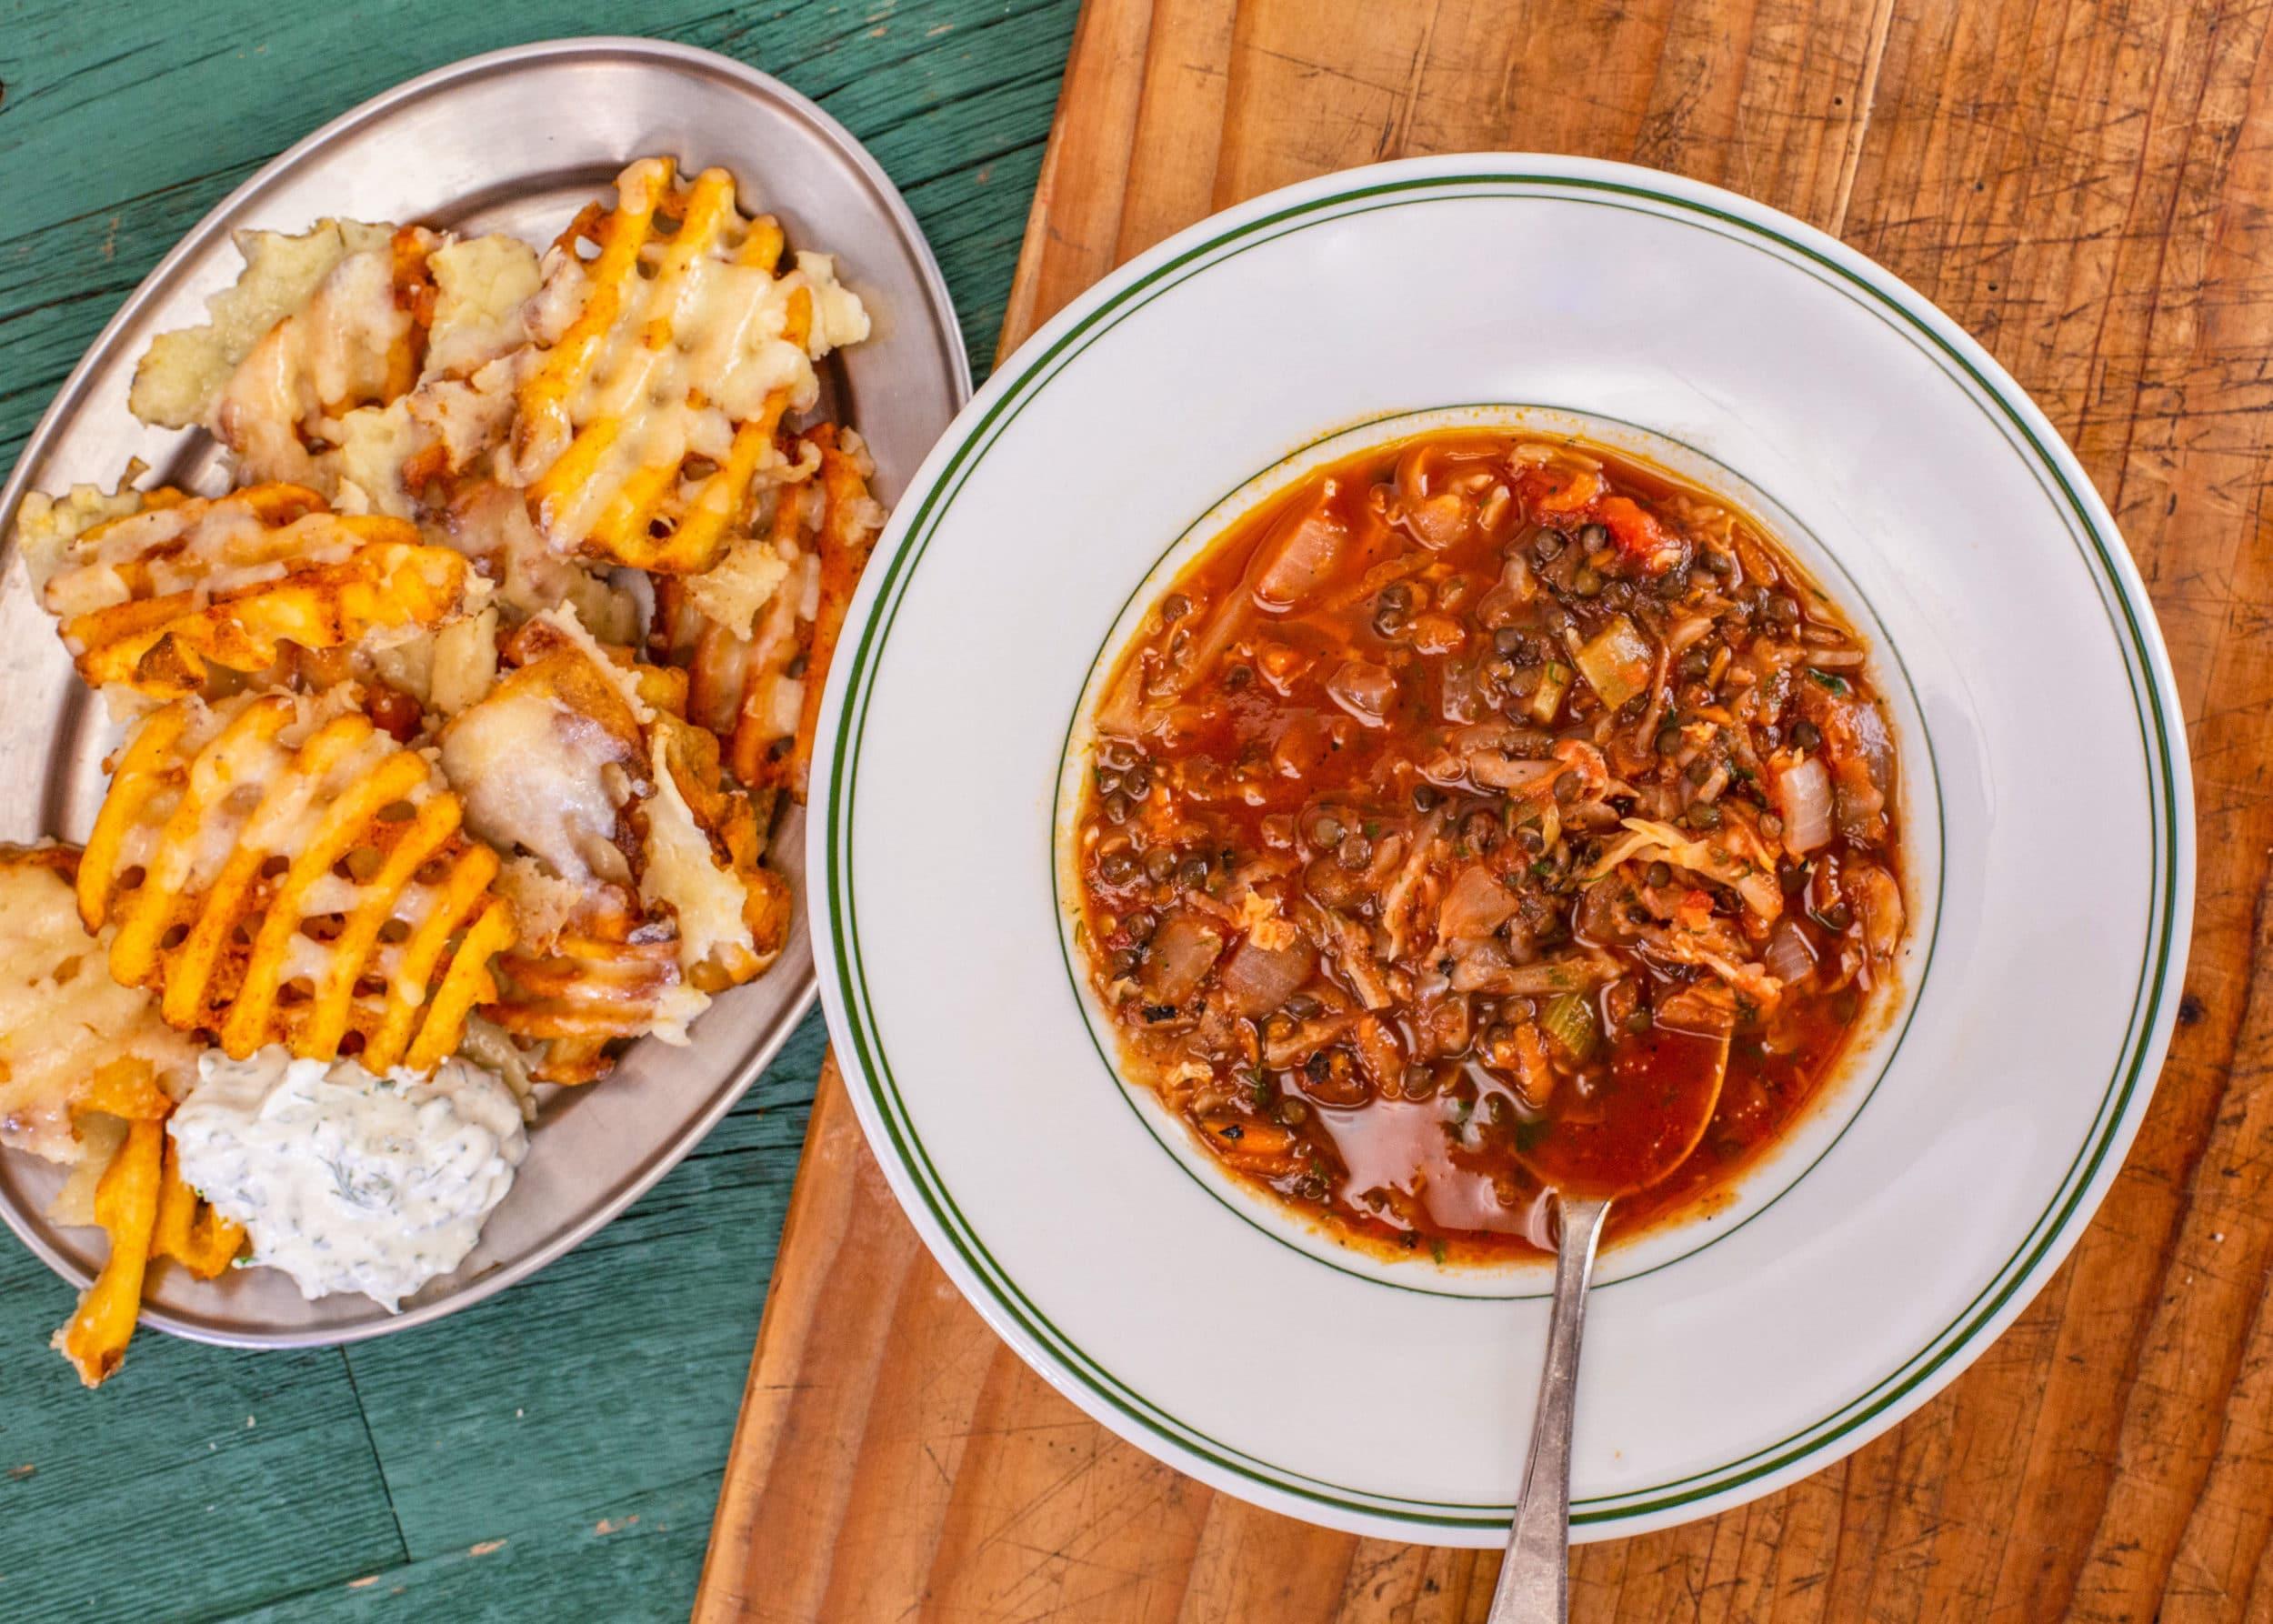 Rachael's Lentil-Cabbage Soup